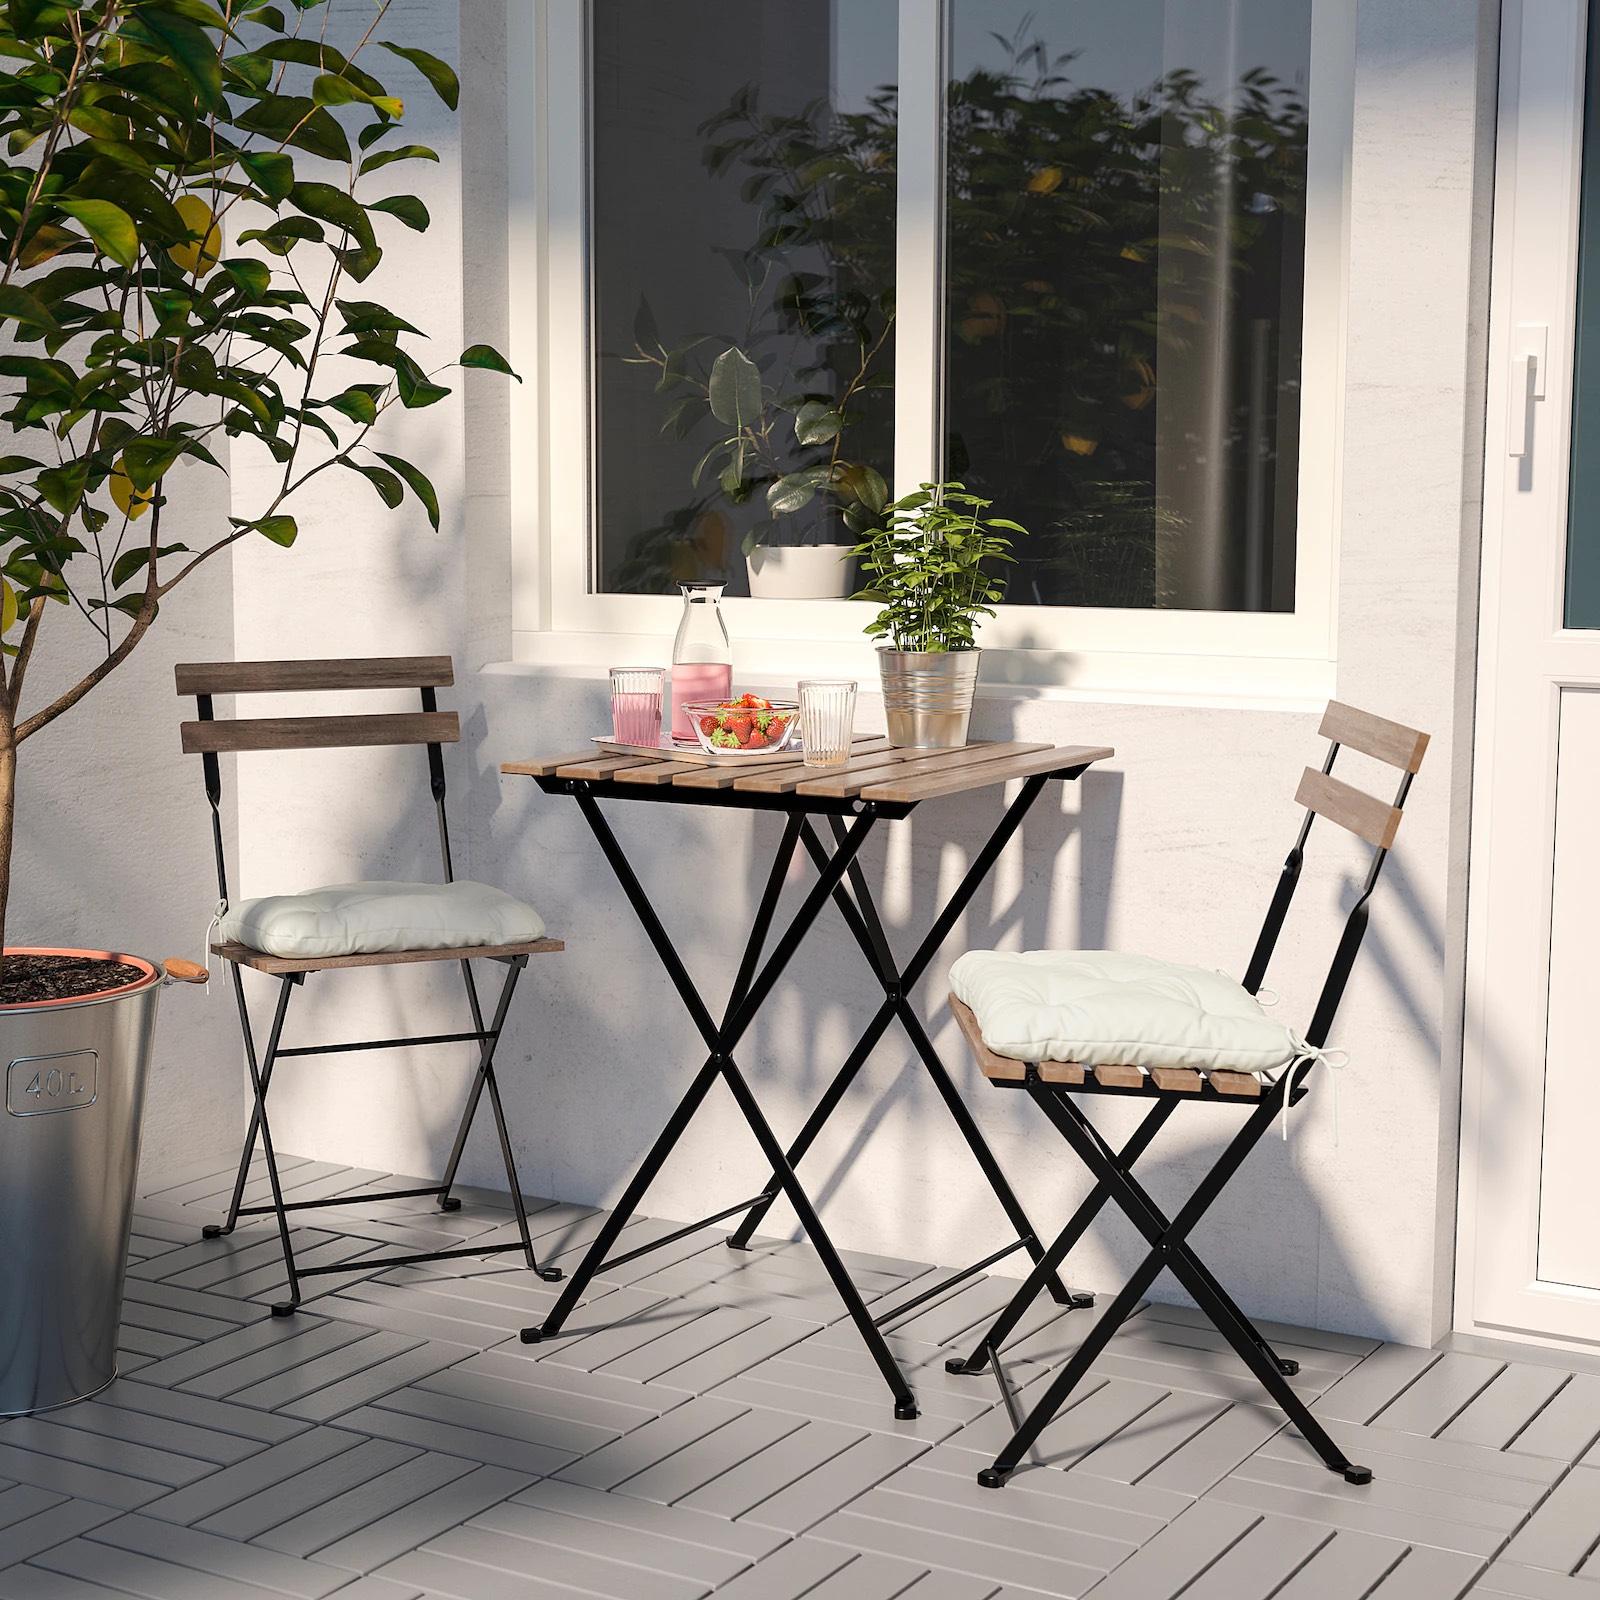 [Ikea Family] Ensemble Table + 2 chaises Tärnö - Extérieur, Noir/teinté brun clair